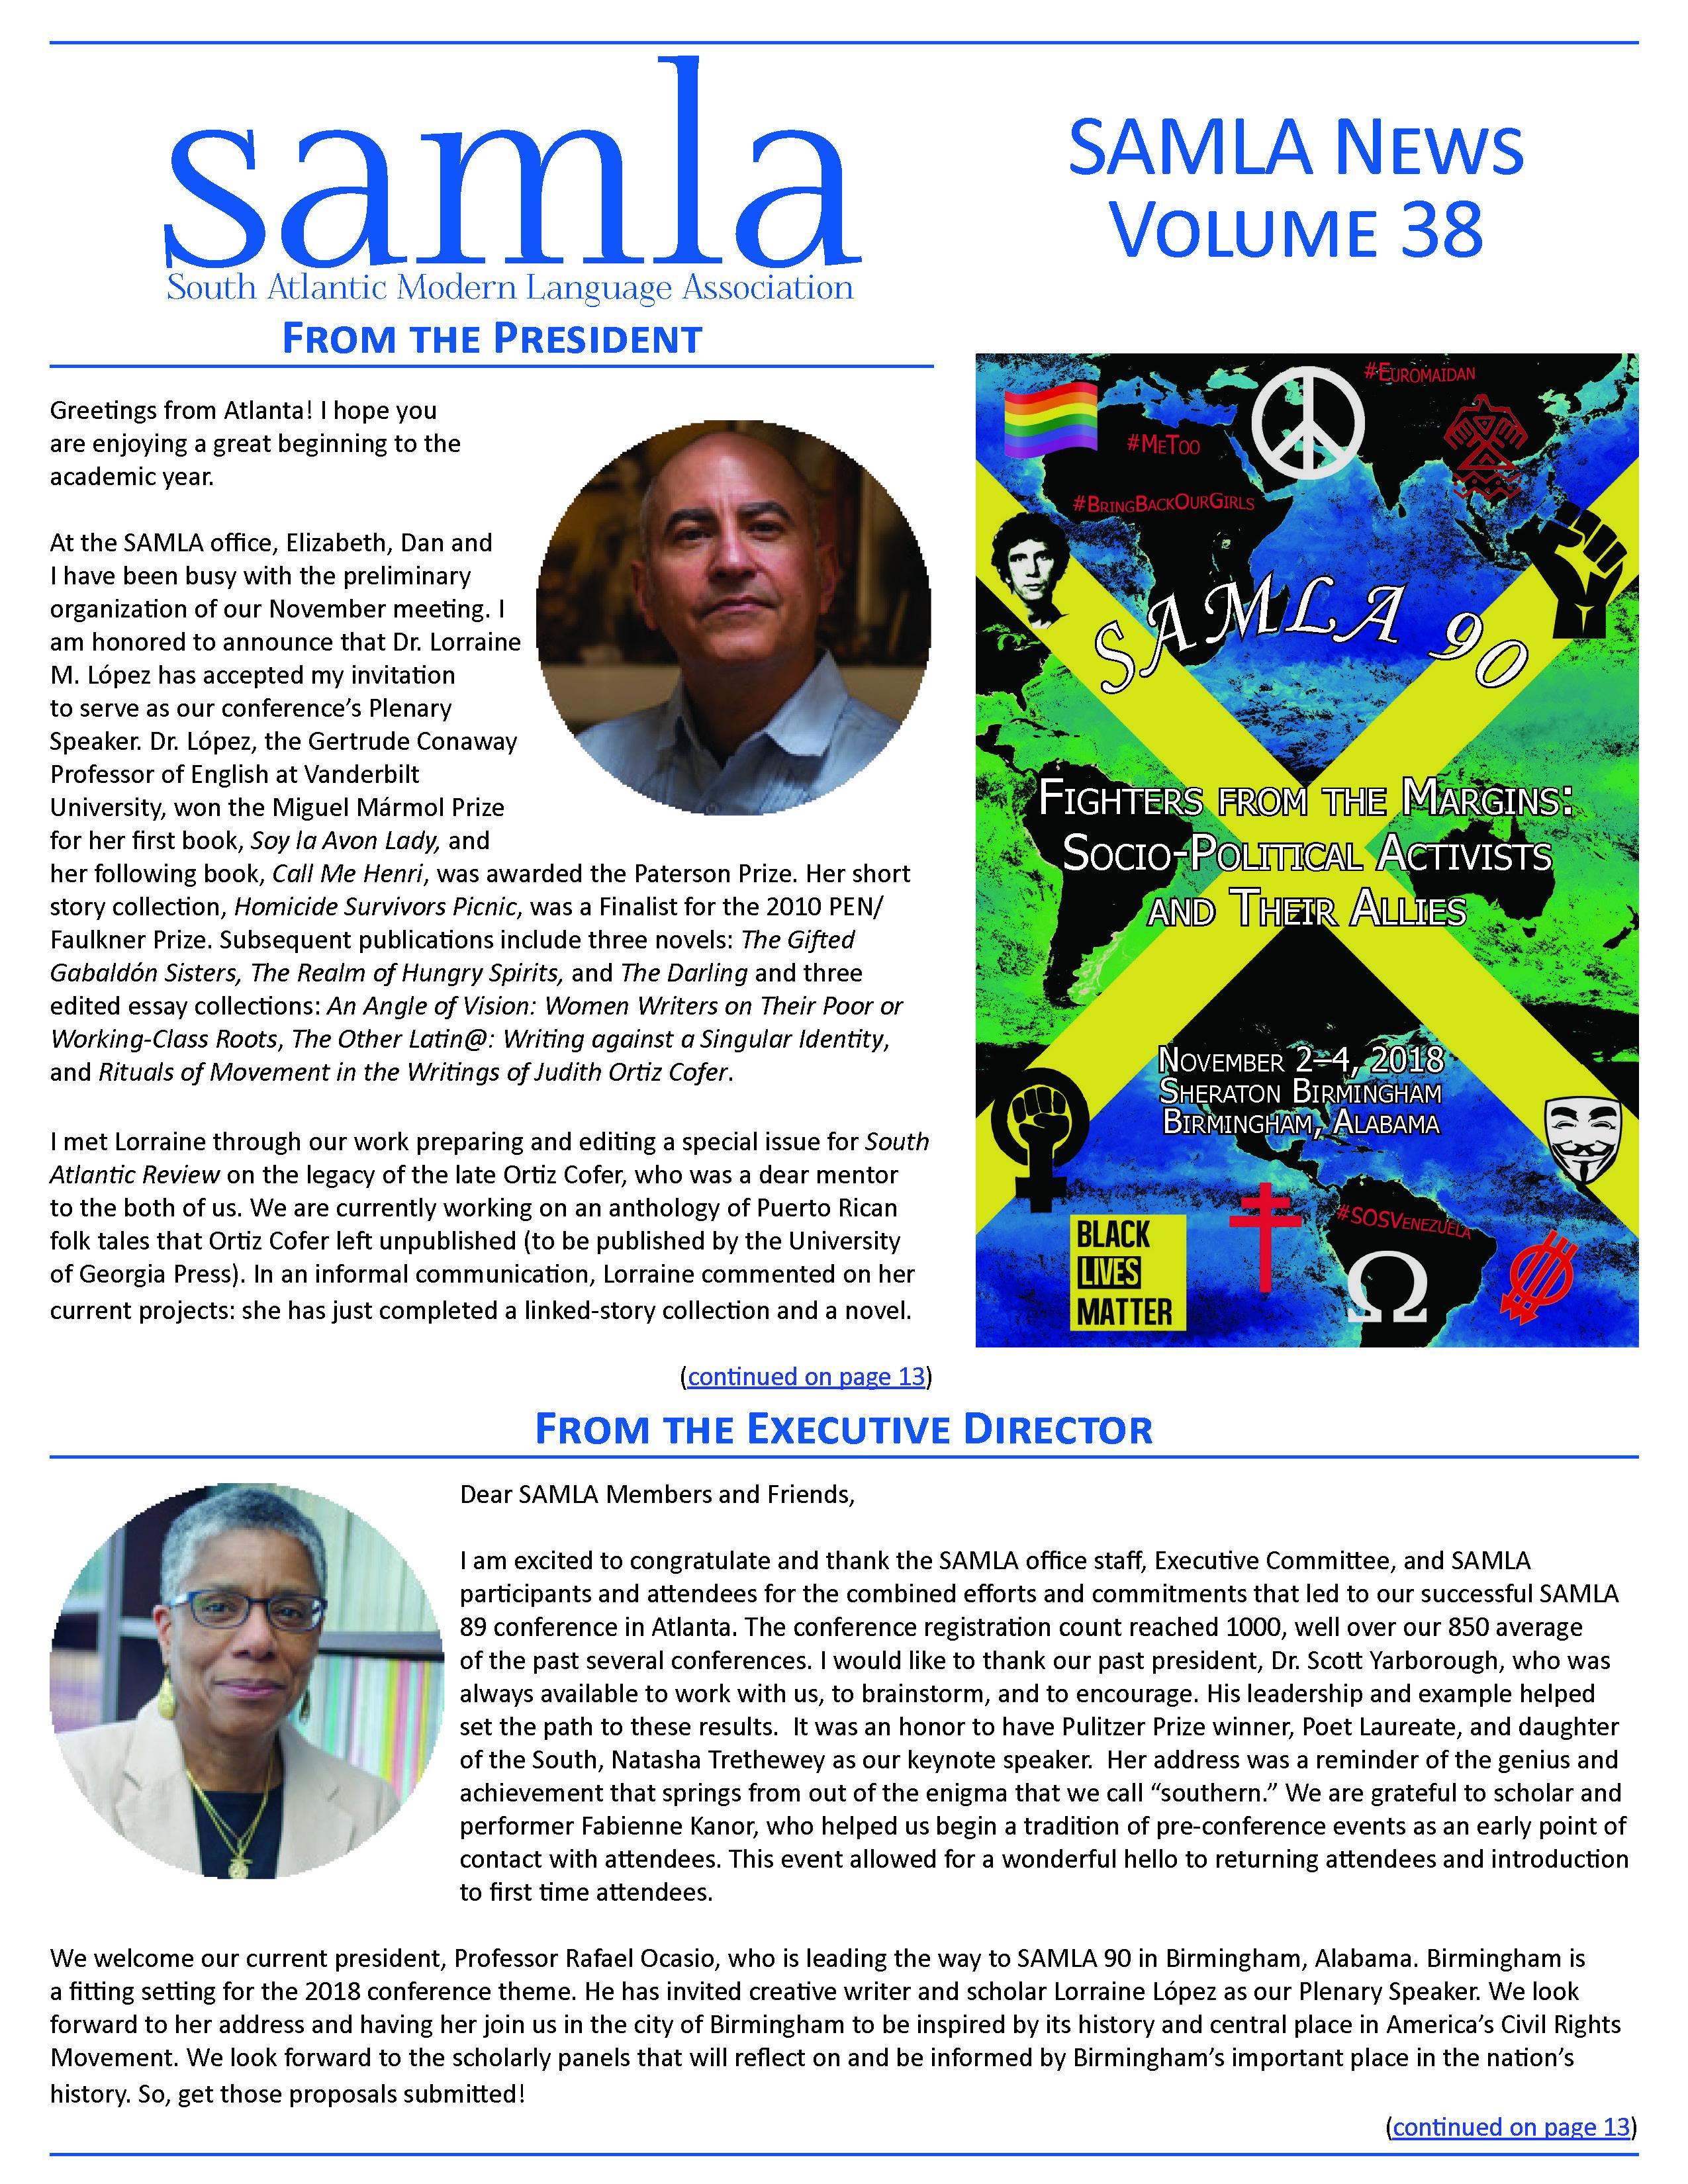 cover of SAMLA News 38